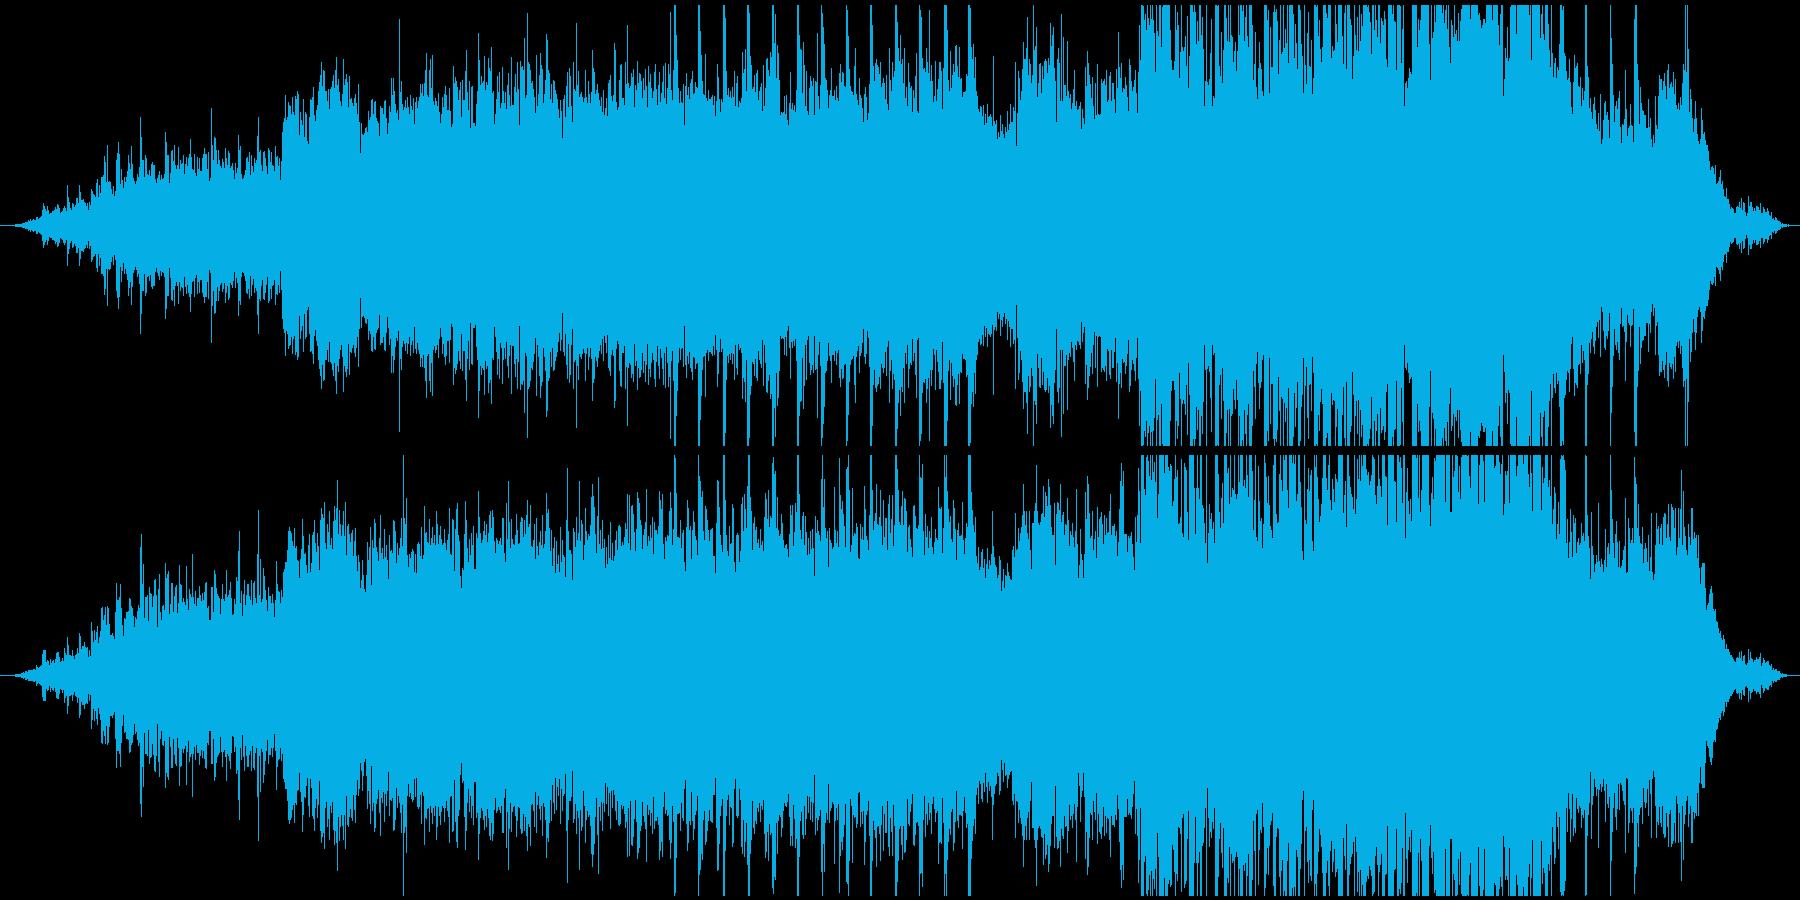 「家族」をテーマにしたニューエイジ風楽曲の再生済みの波形